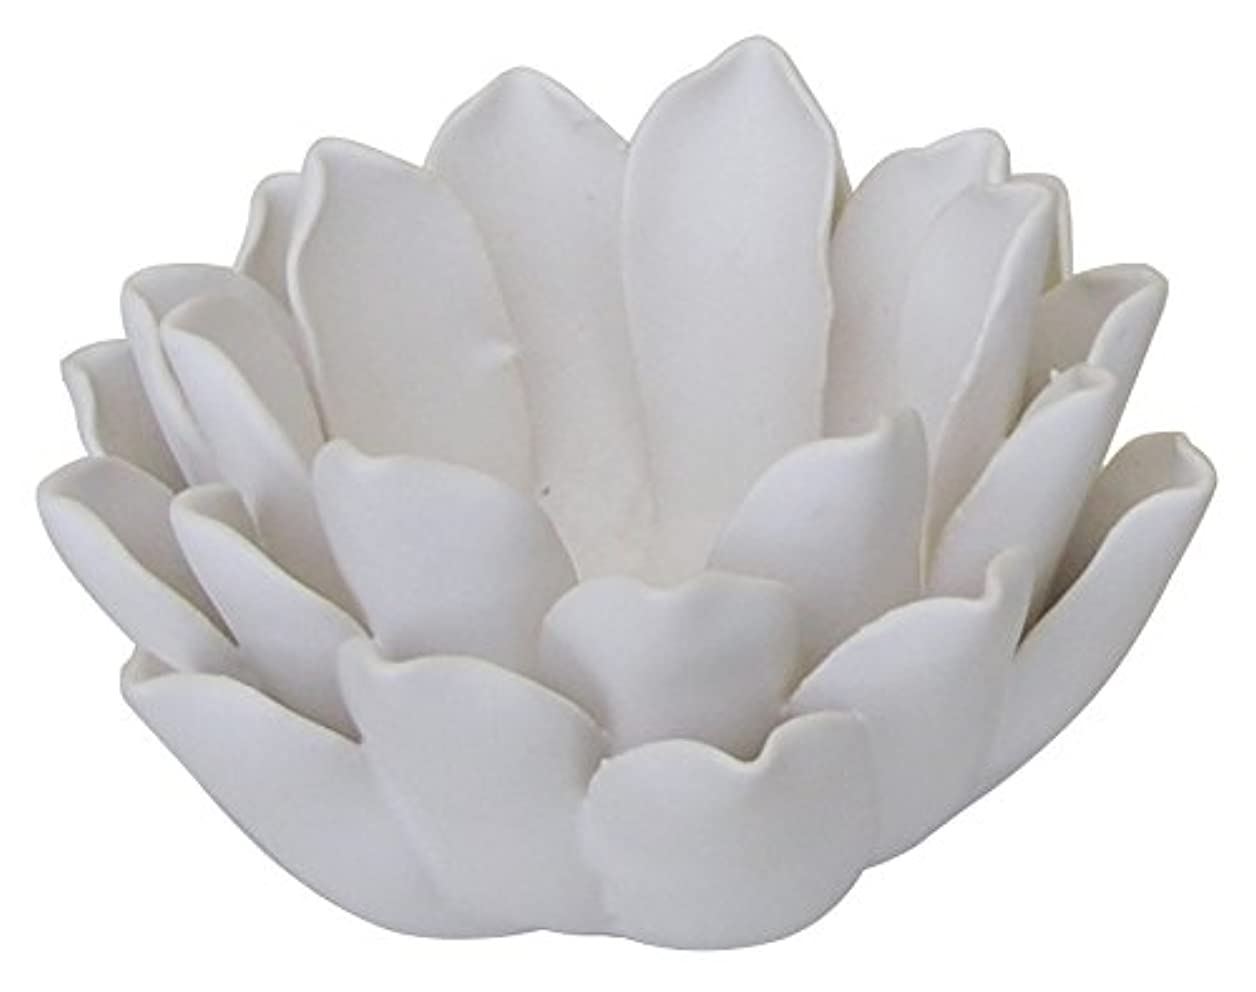 変成器爬虫類半導体マルエス 燭台 陶器製 ロータス 小 ホワイト